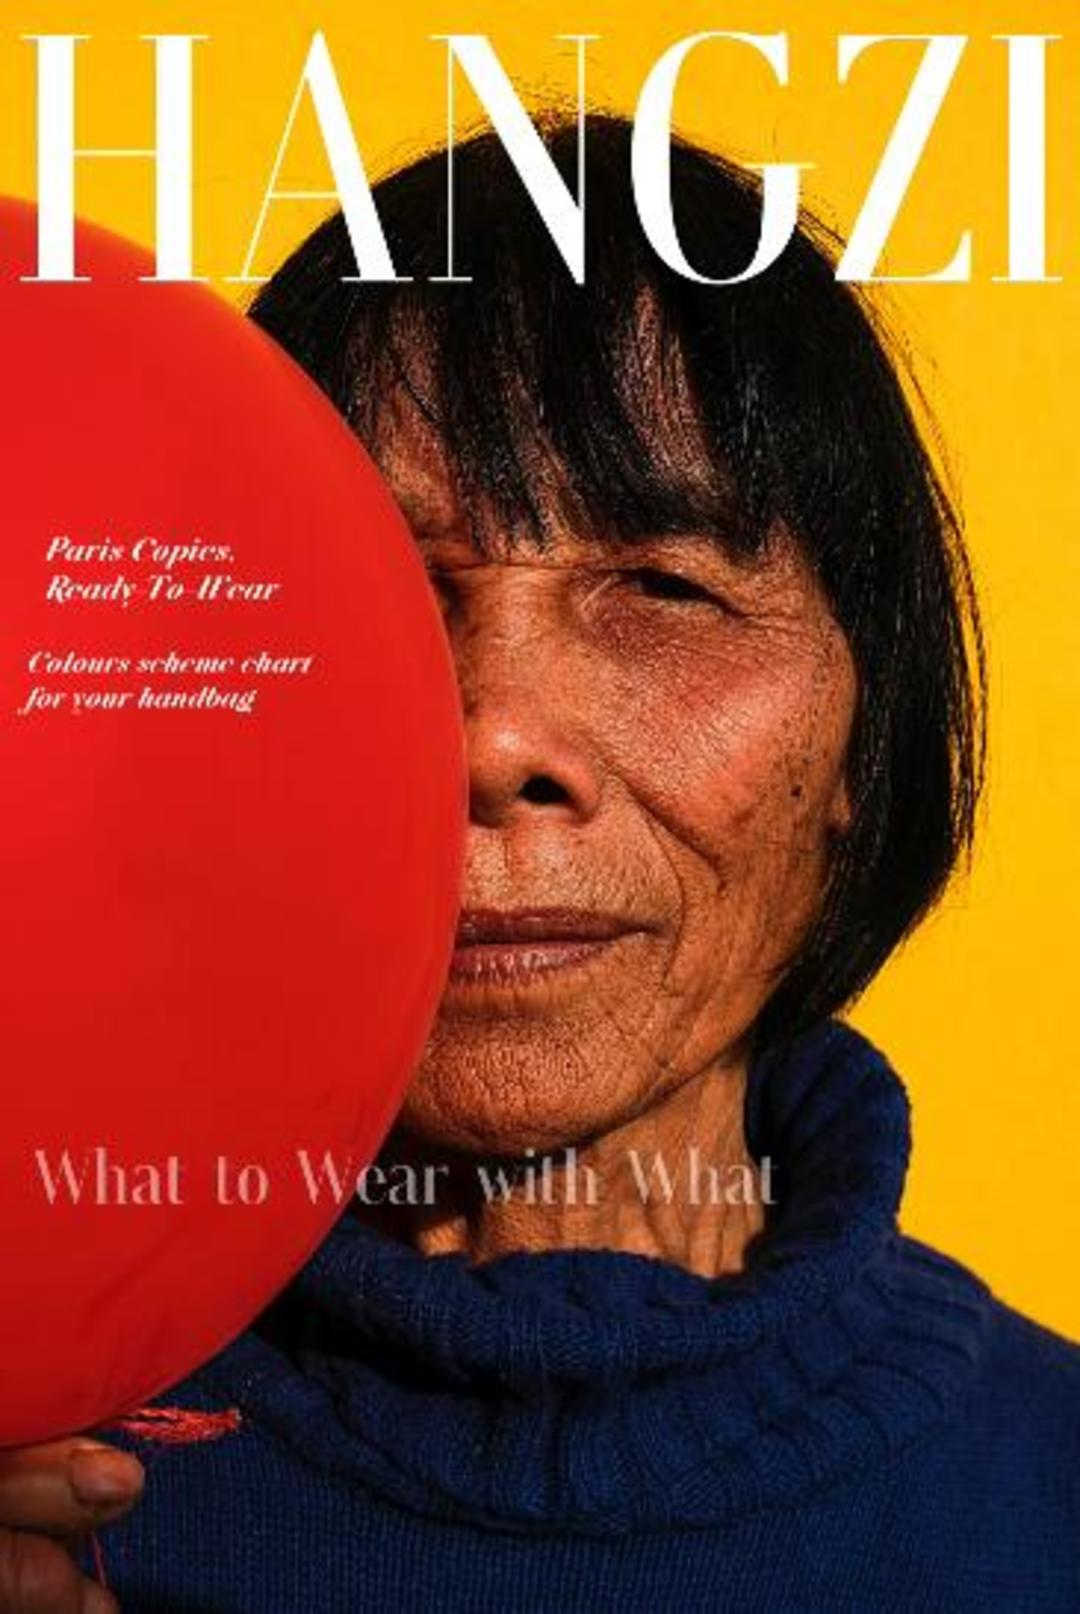 【紫牛头条】95后男生毕业后回村给奶奶拍时尚大片,网友:太高级!帽子看起来值几万!